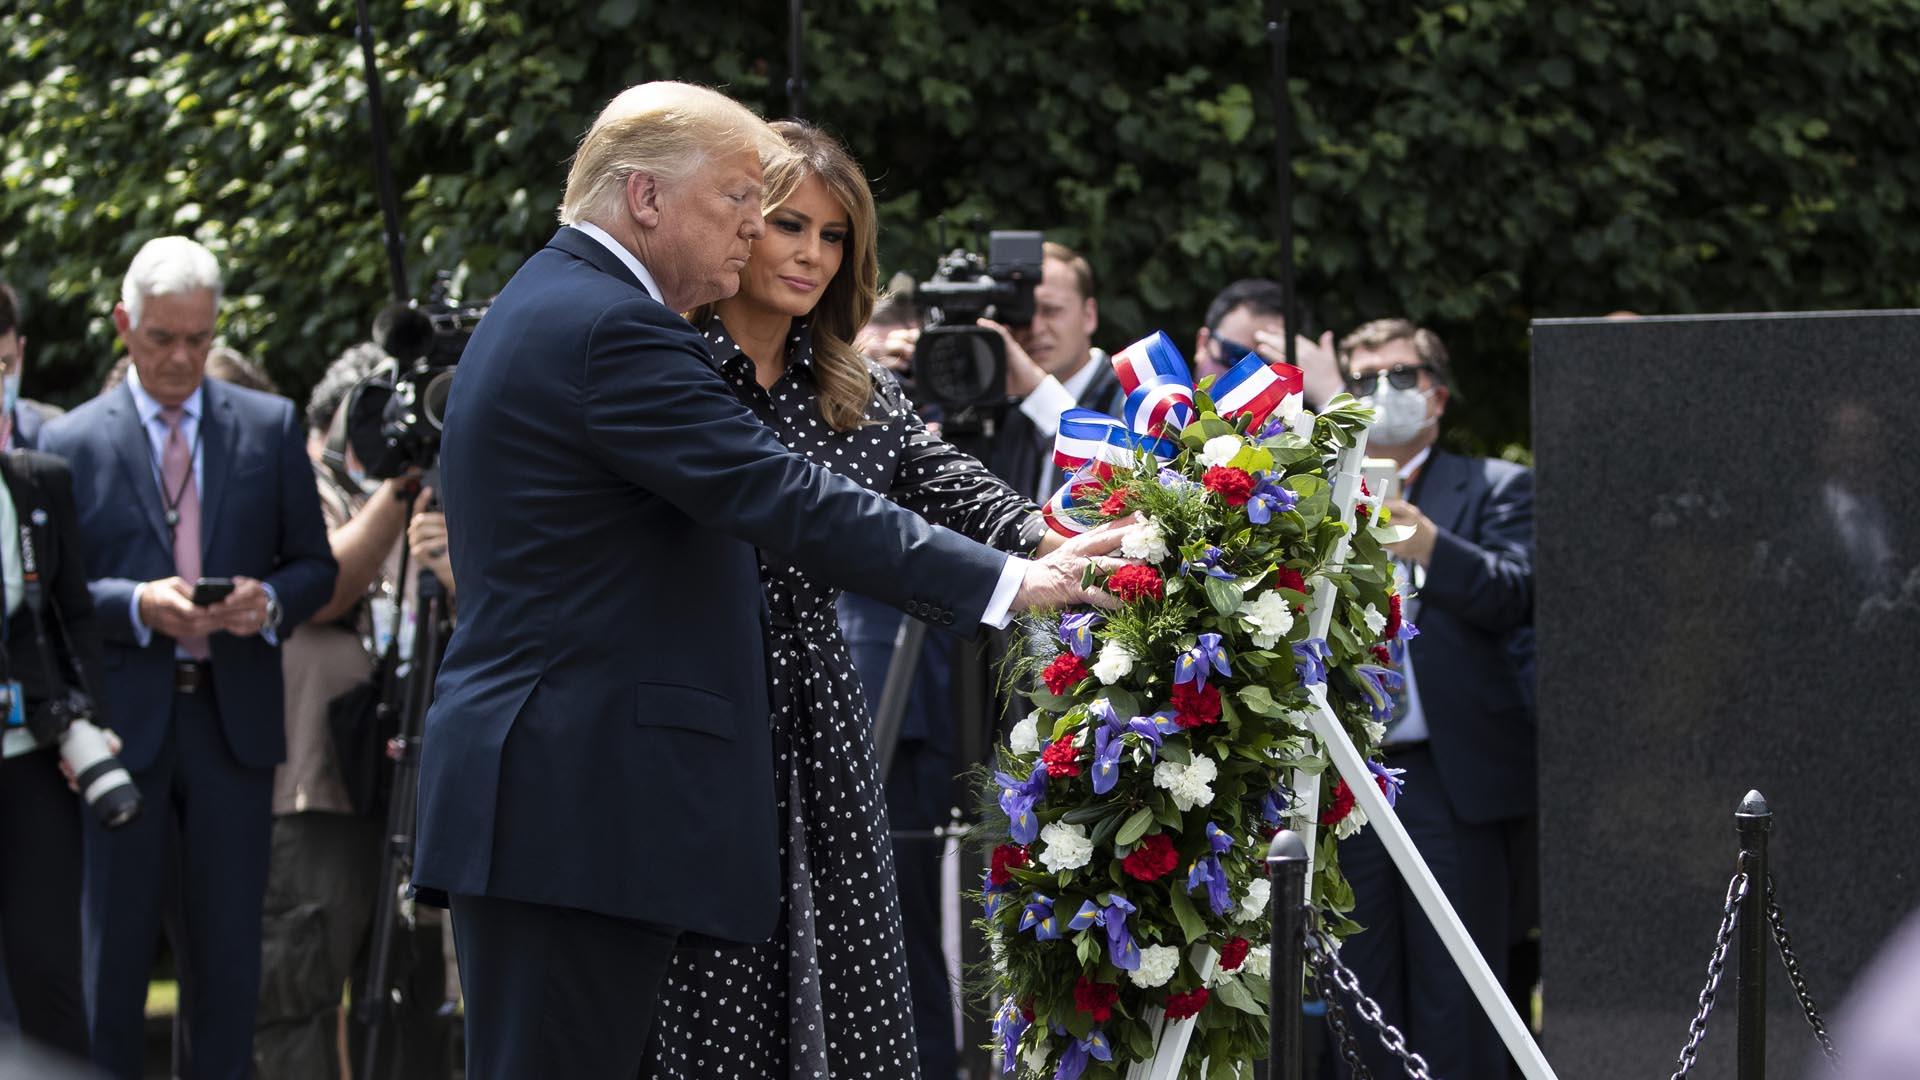 트럼프, 워싱턴 한국전기념비 찾아 헌화